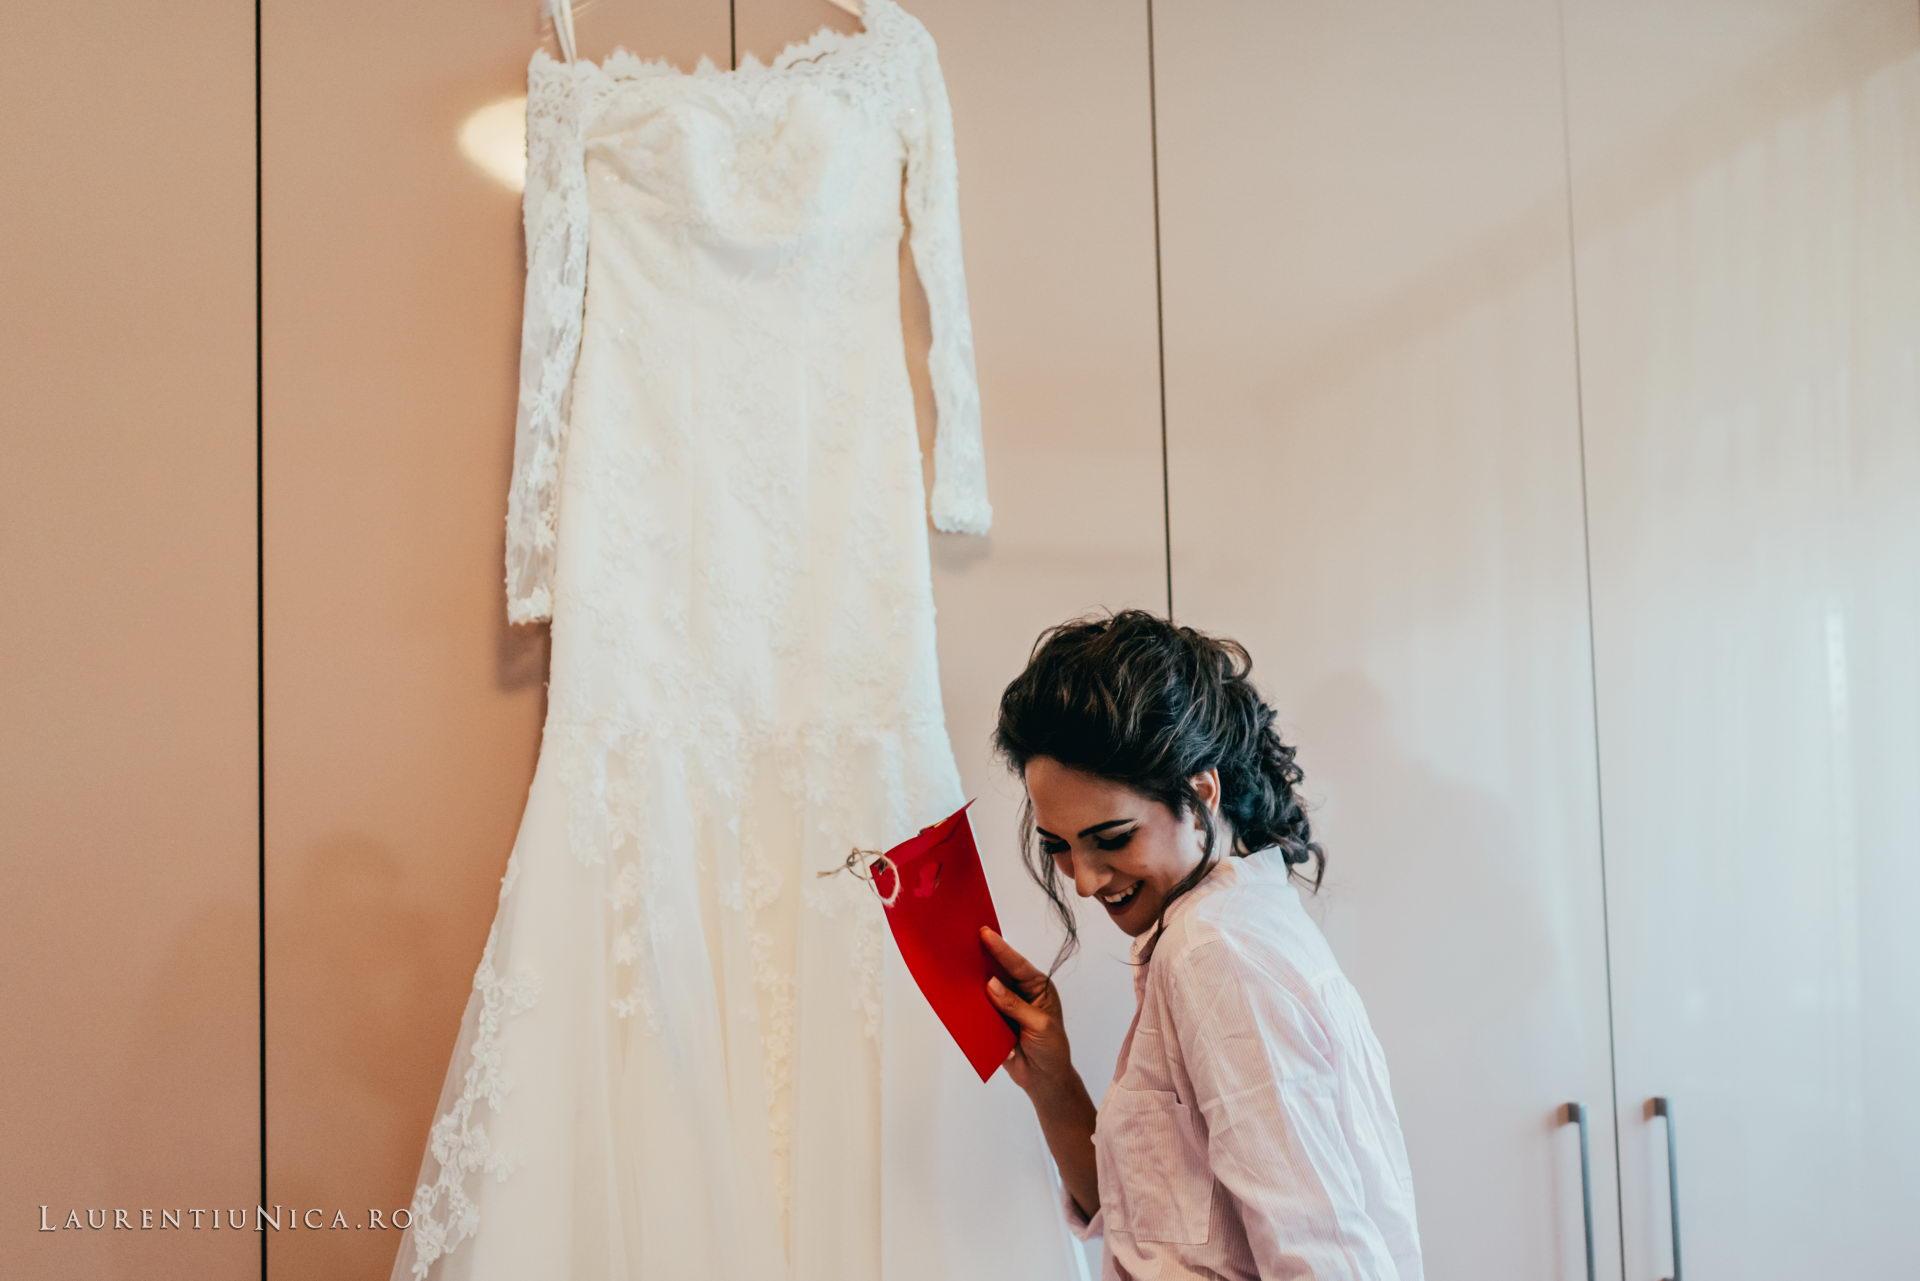 Cristina si Ovidiu nunta Craiova fotograf laurentiu nica 061 - Cristina & Ovidiu | Fotografii nunta | Craiova